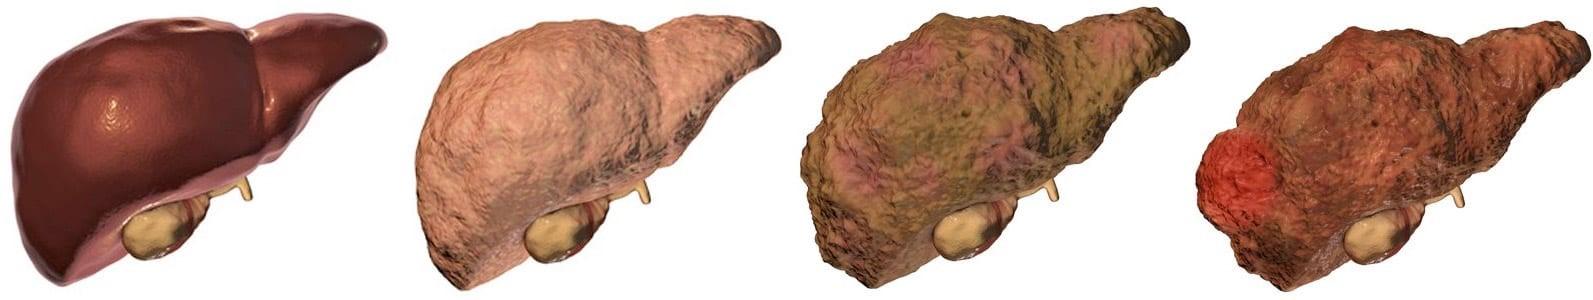 Những triệu chứng ung thư gan giai đoạn cuối